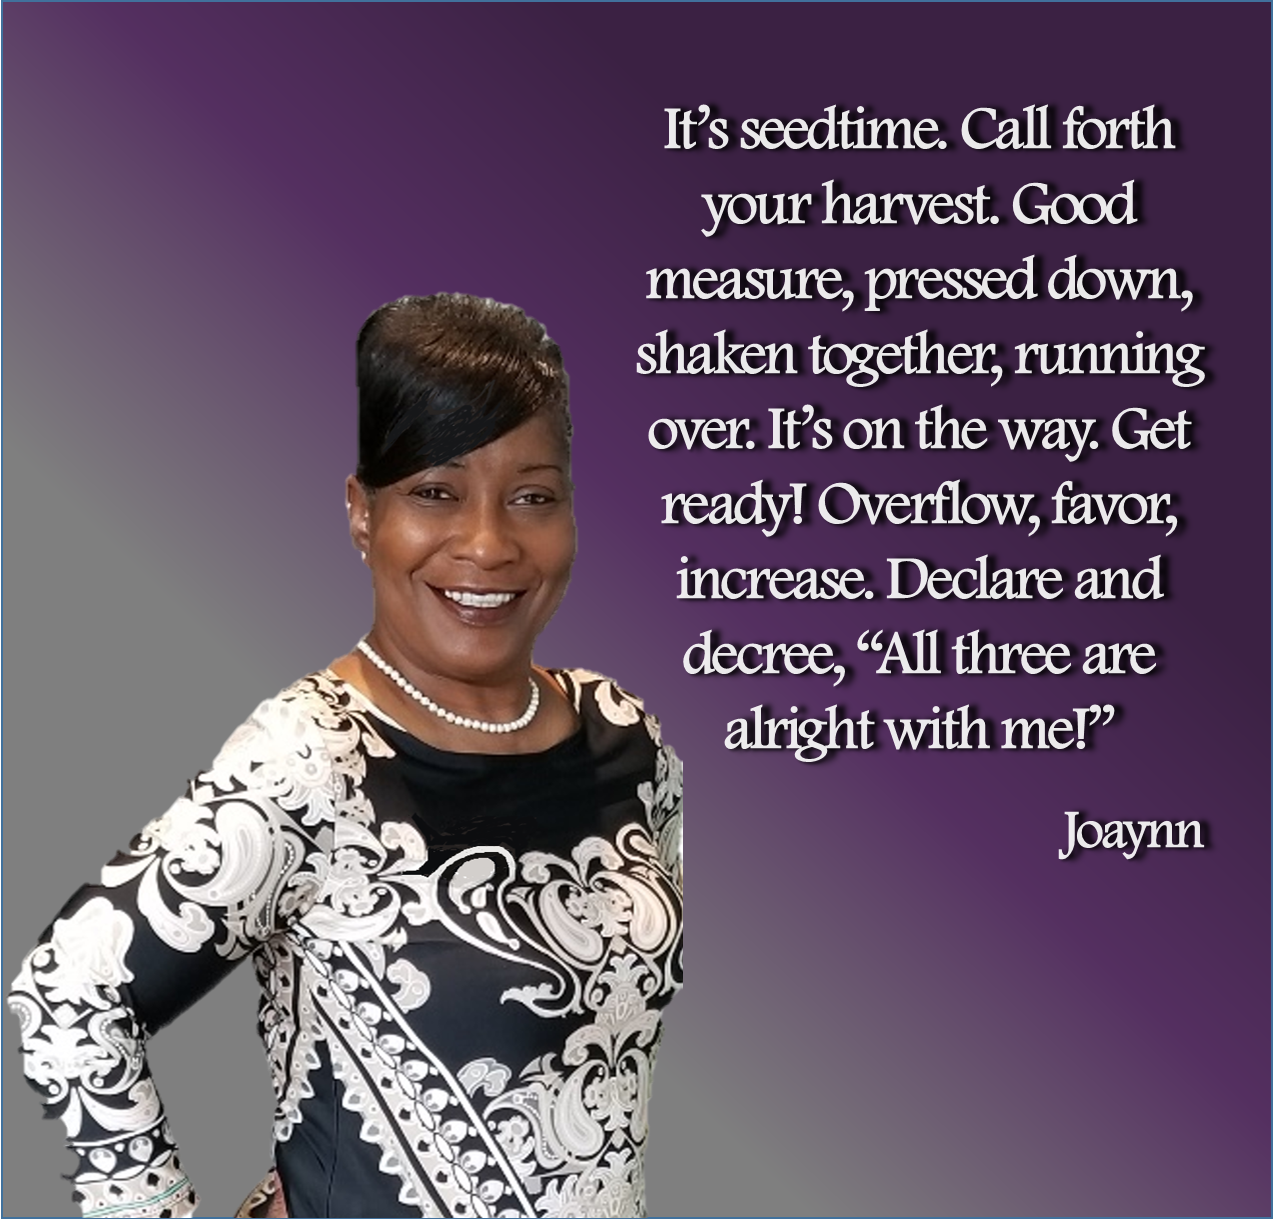 Seedtime Harvest Joaynn